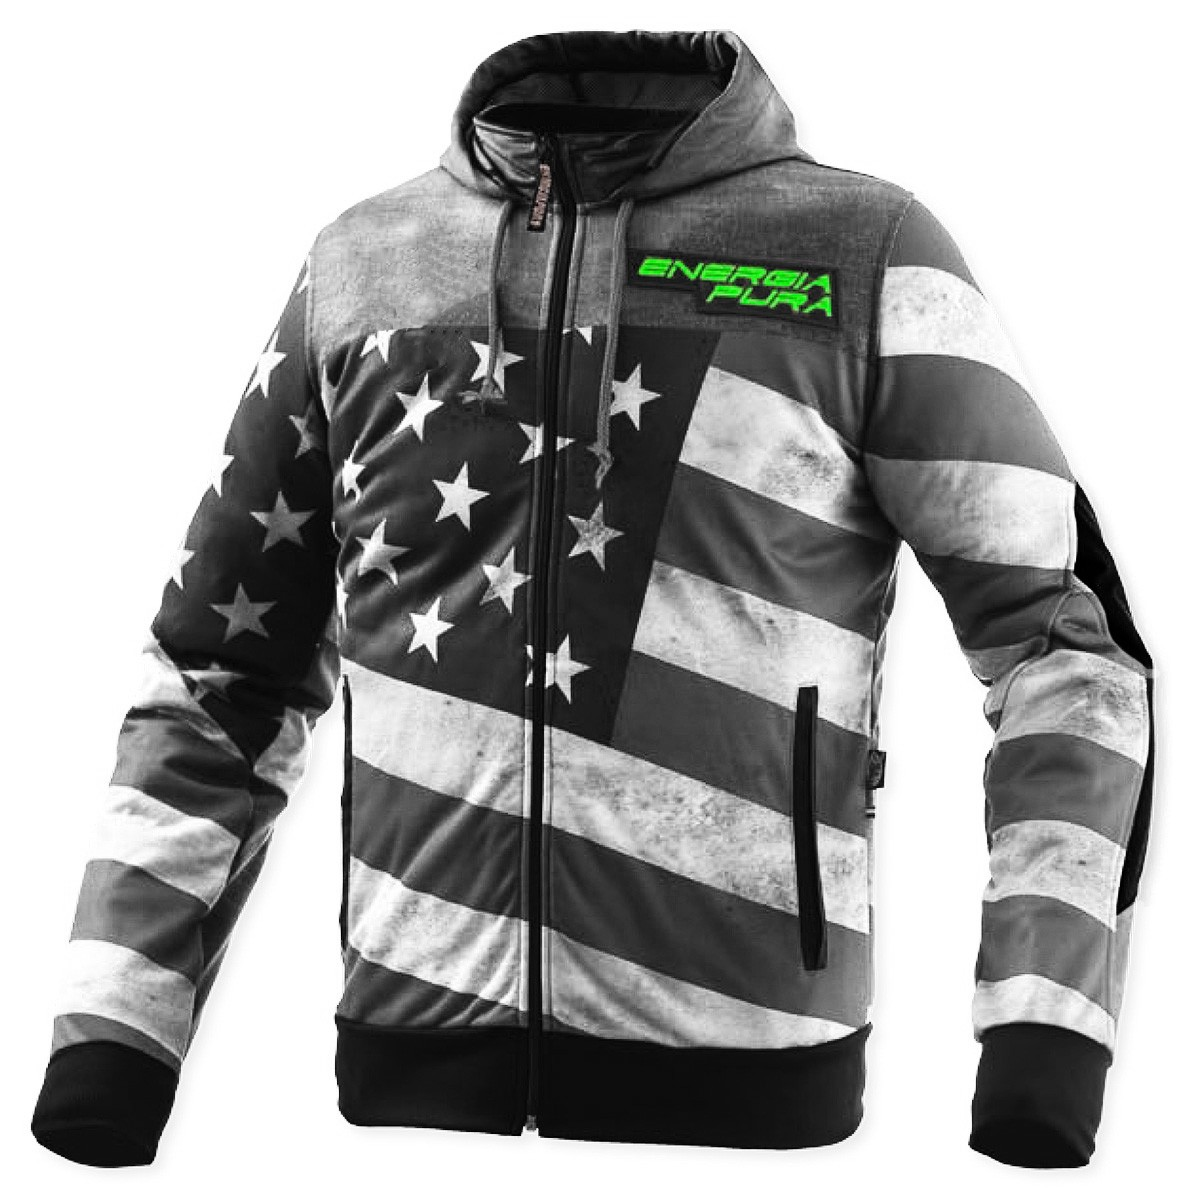 America America Abbigliamento Windstopper Energiapura Sci Junior Cqt57x6 9217ddba8fd